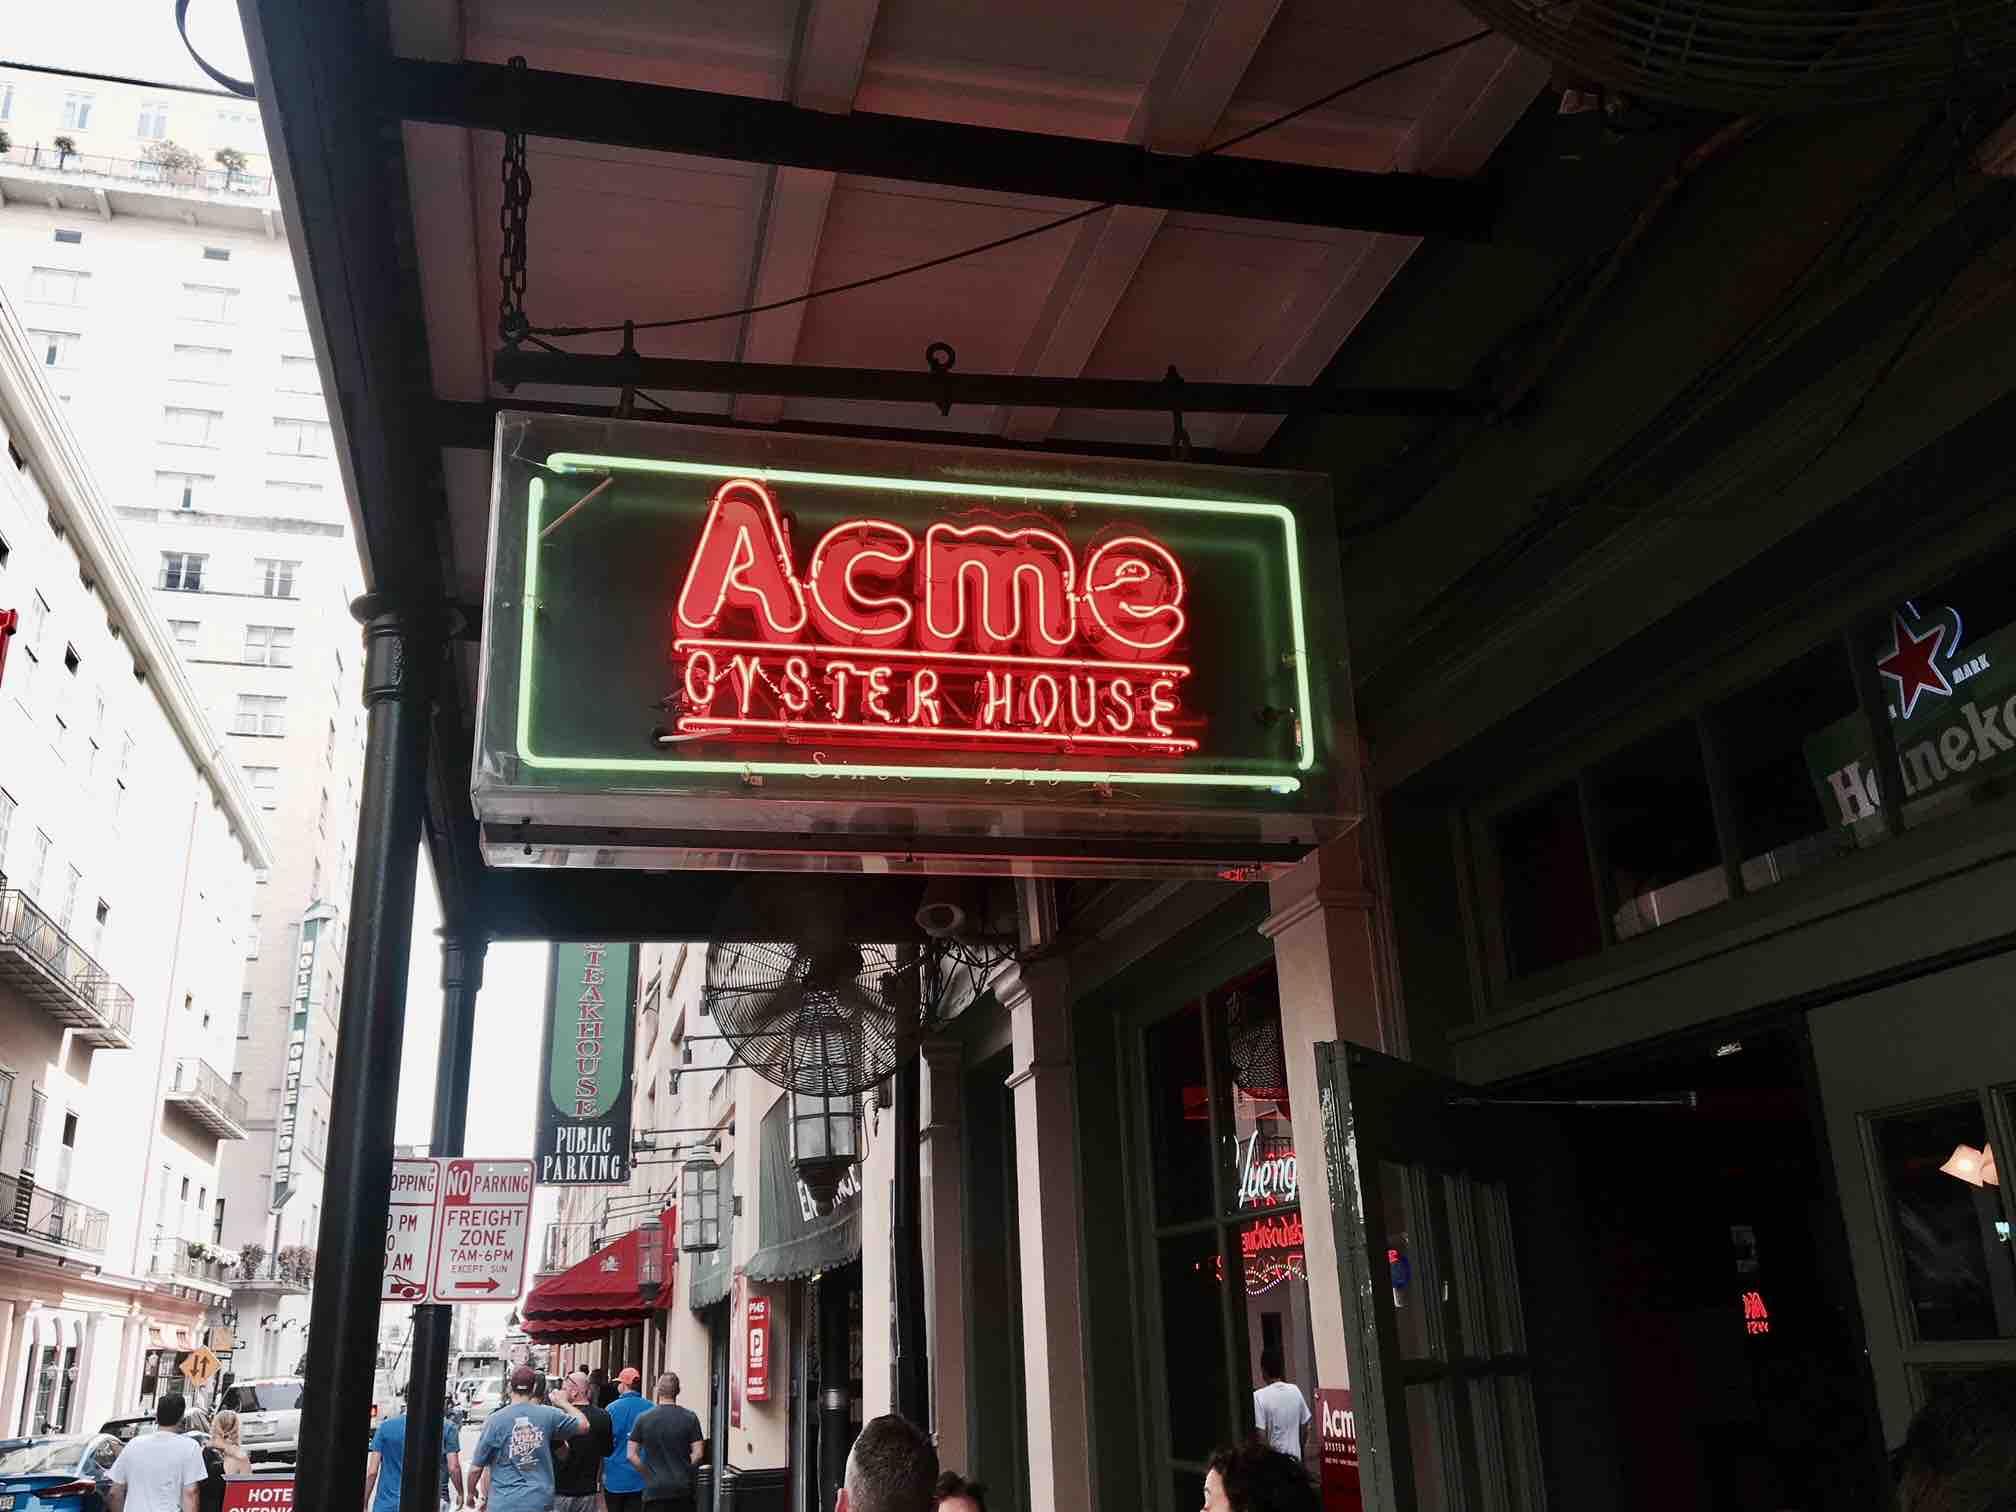 Acme Oyster House.jpg